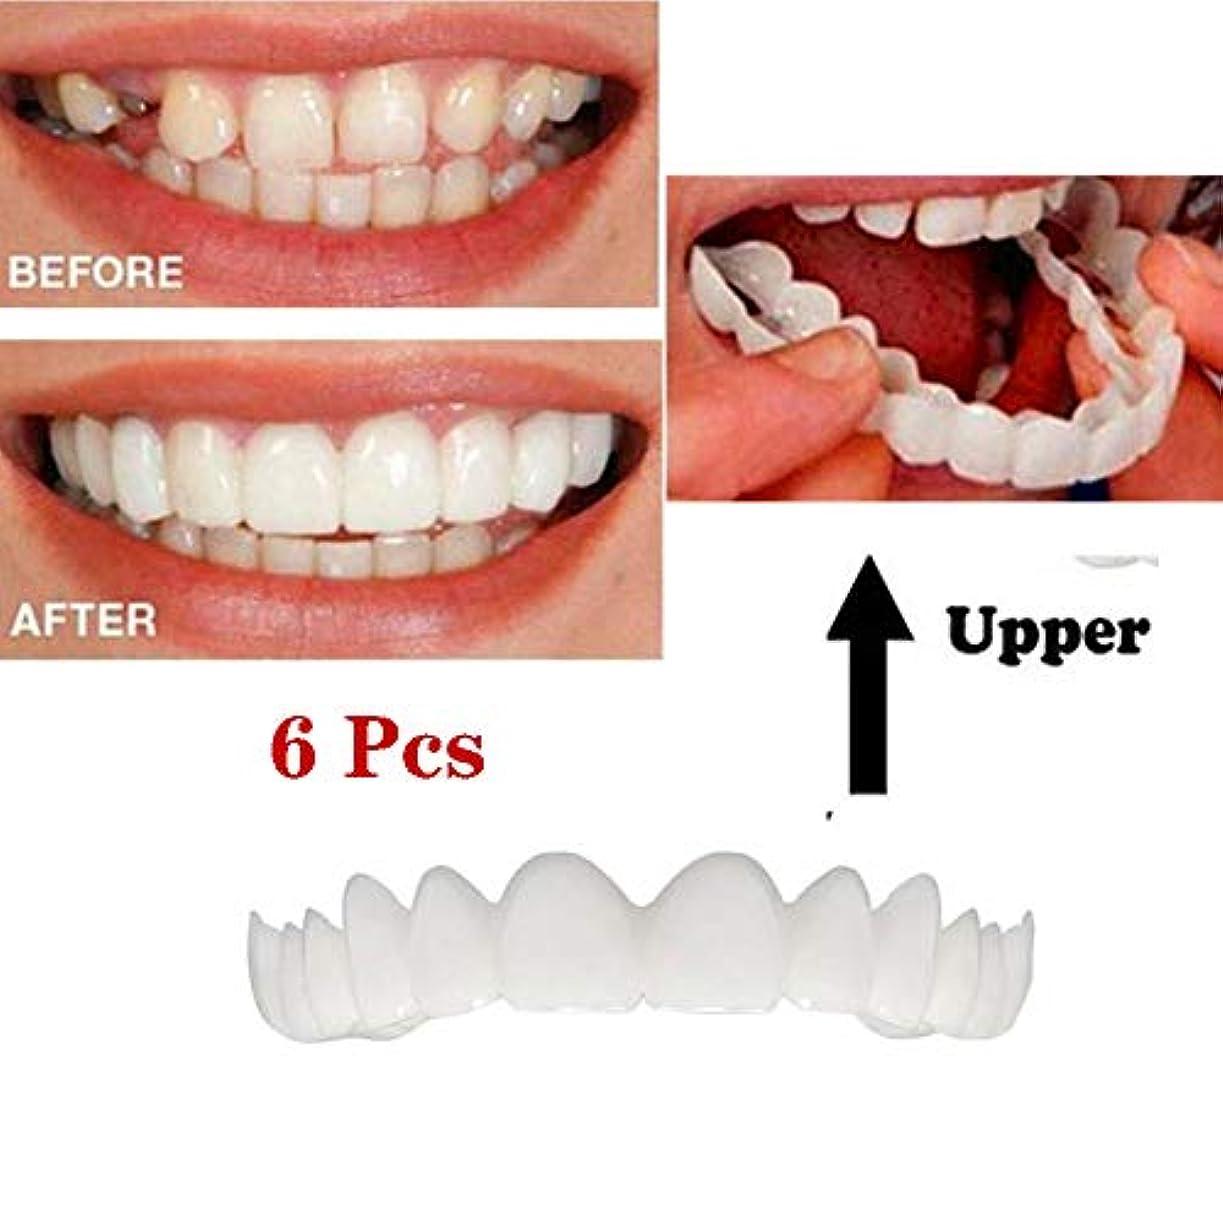 ジェムスクワイアスクラップ義歯口腔ケア歯ホワイトニング義歯口腔ケアアッパーブレース一時的な化粧品歯義歯 - 6本